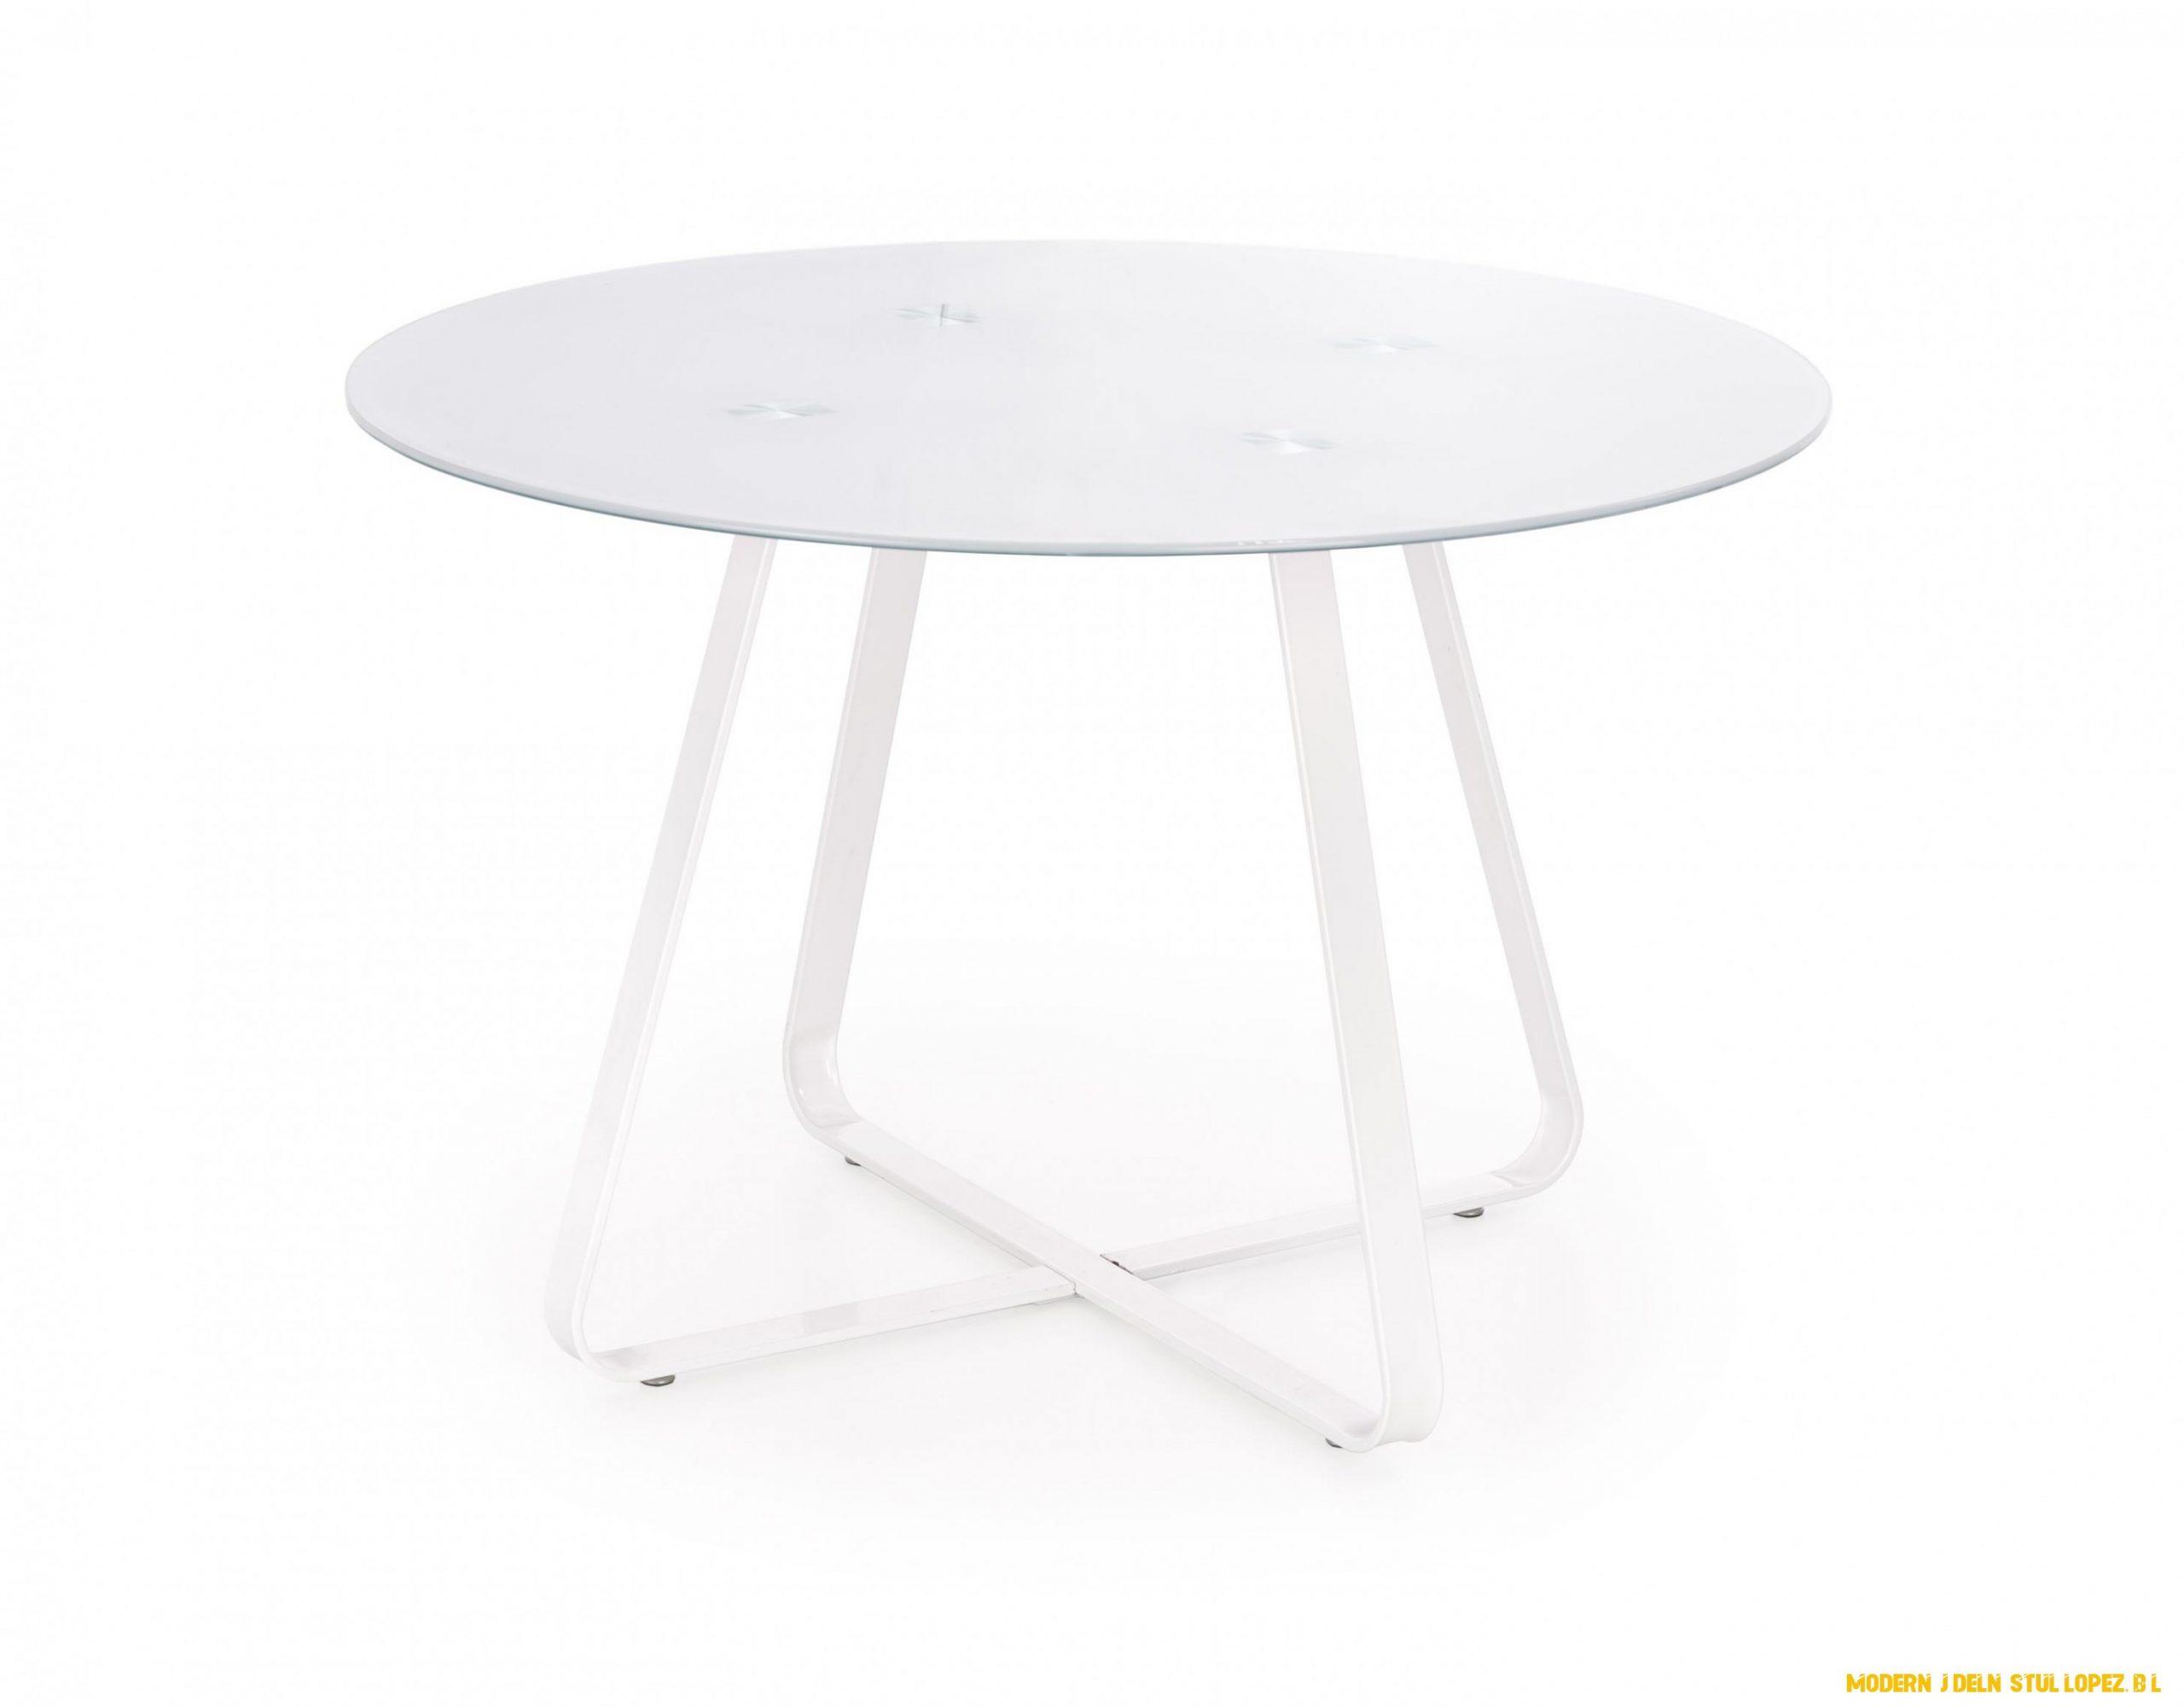 Moderní jídelní stůl Lopez, bílý - www.nabytek-helcel.cz